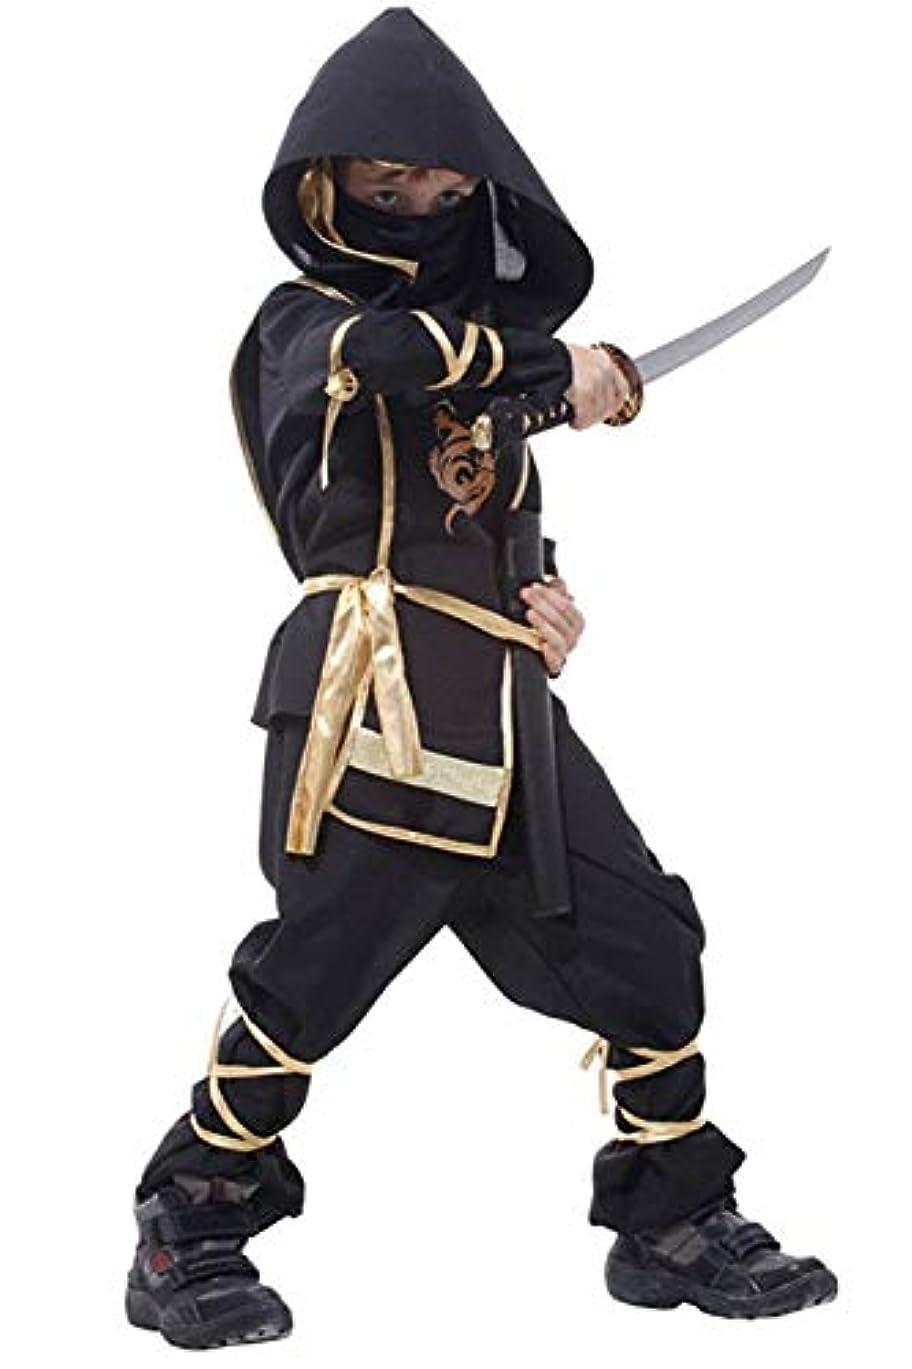 (eones)忍者 コスプレ ハロウィン 衣装 子供用 ステルス キッズコスチューム 仮装 7点セット (L)